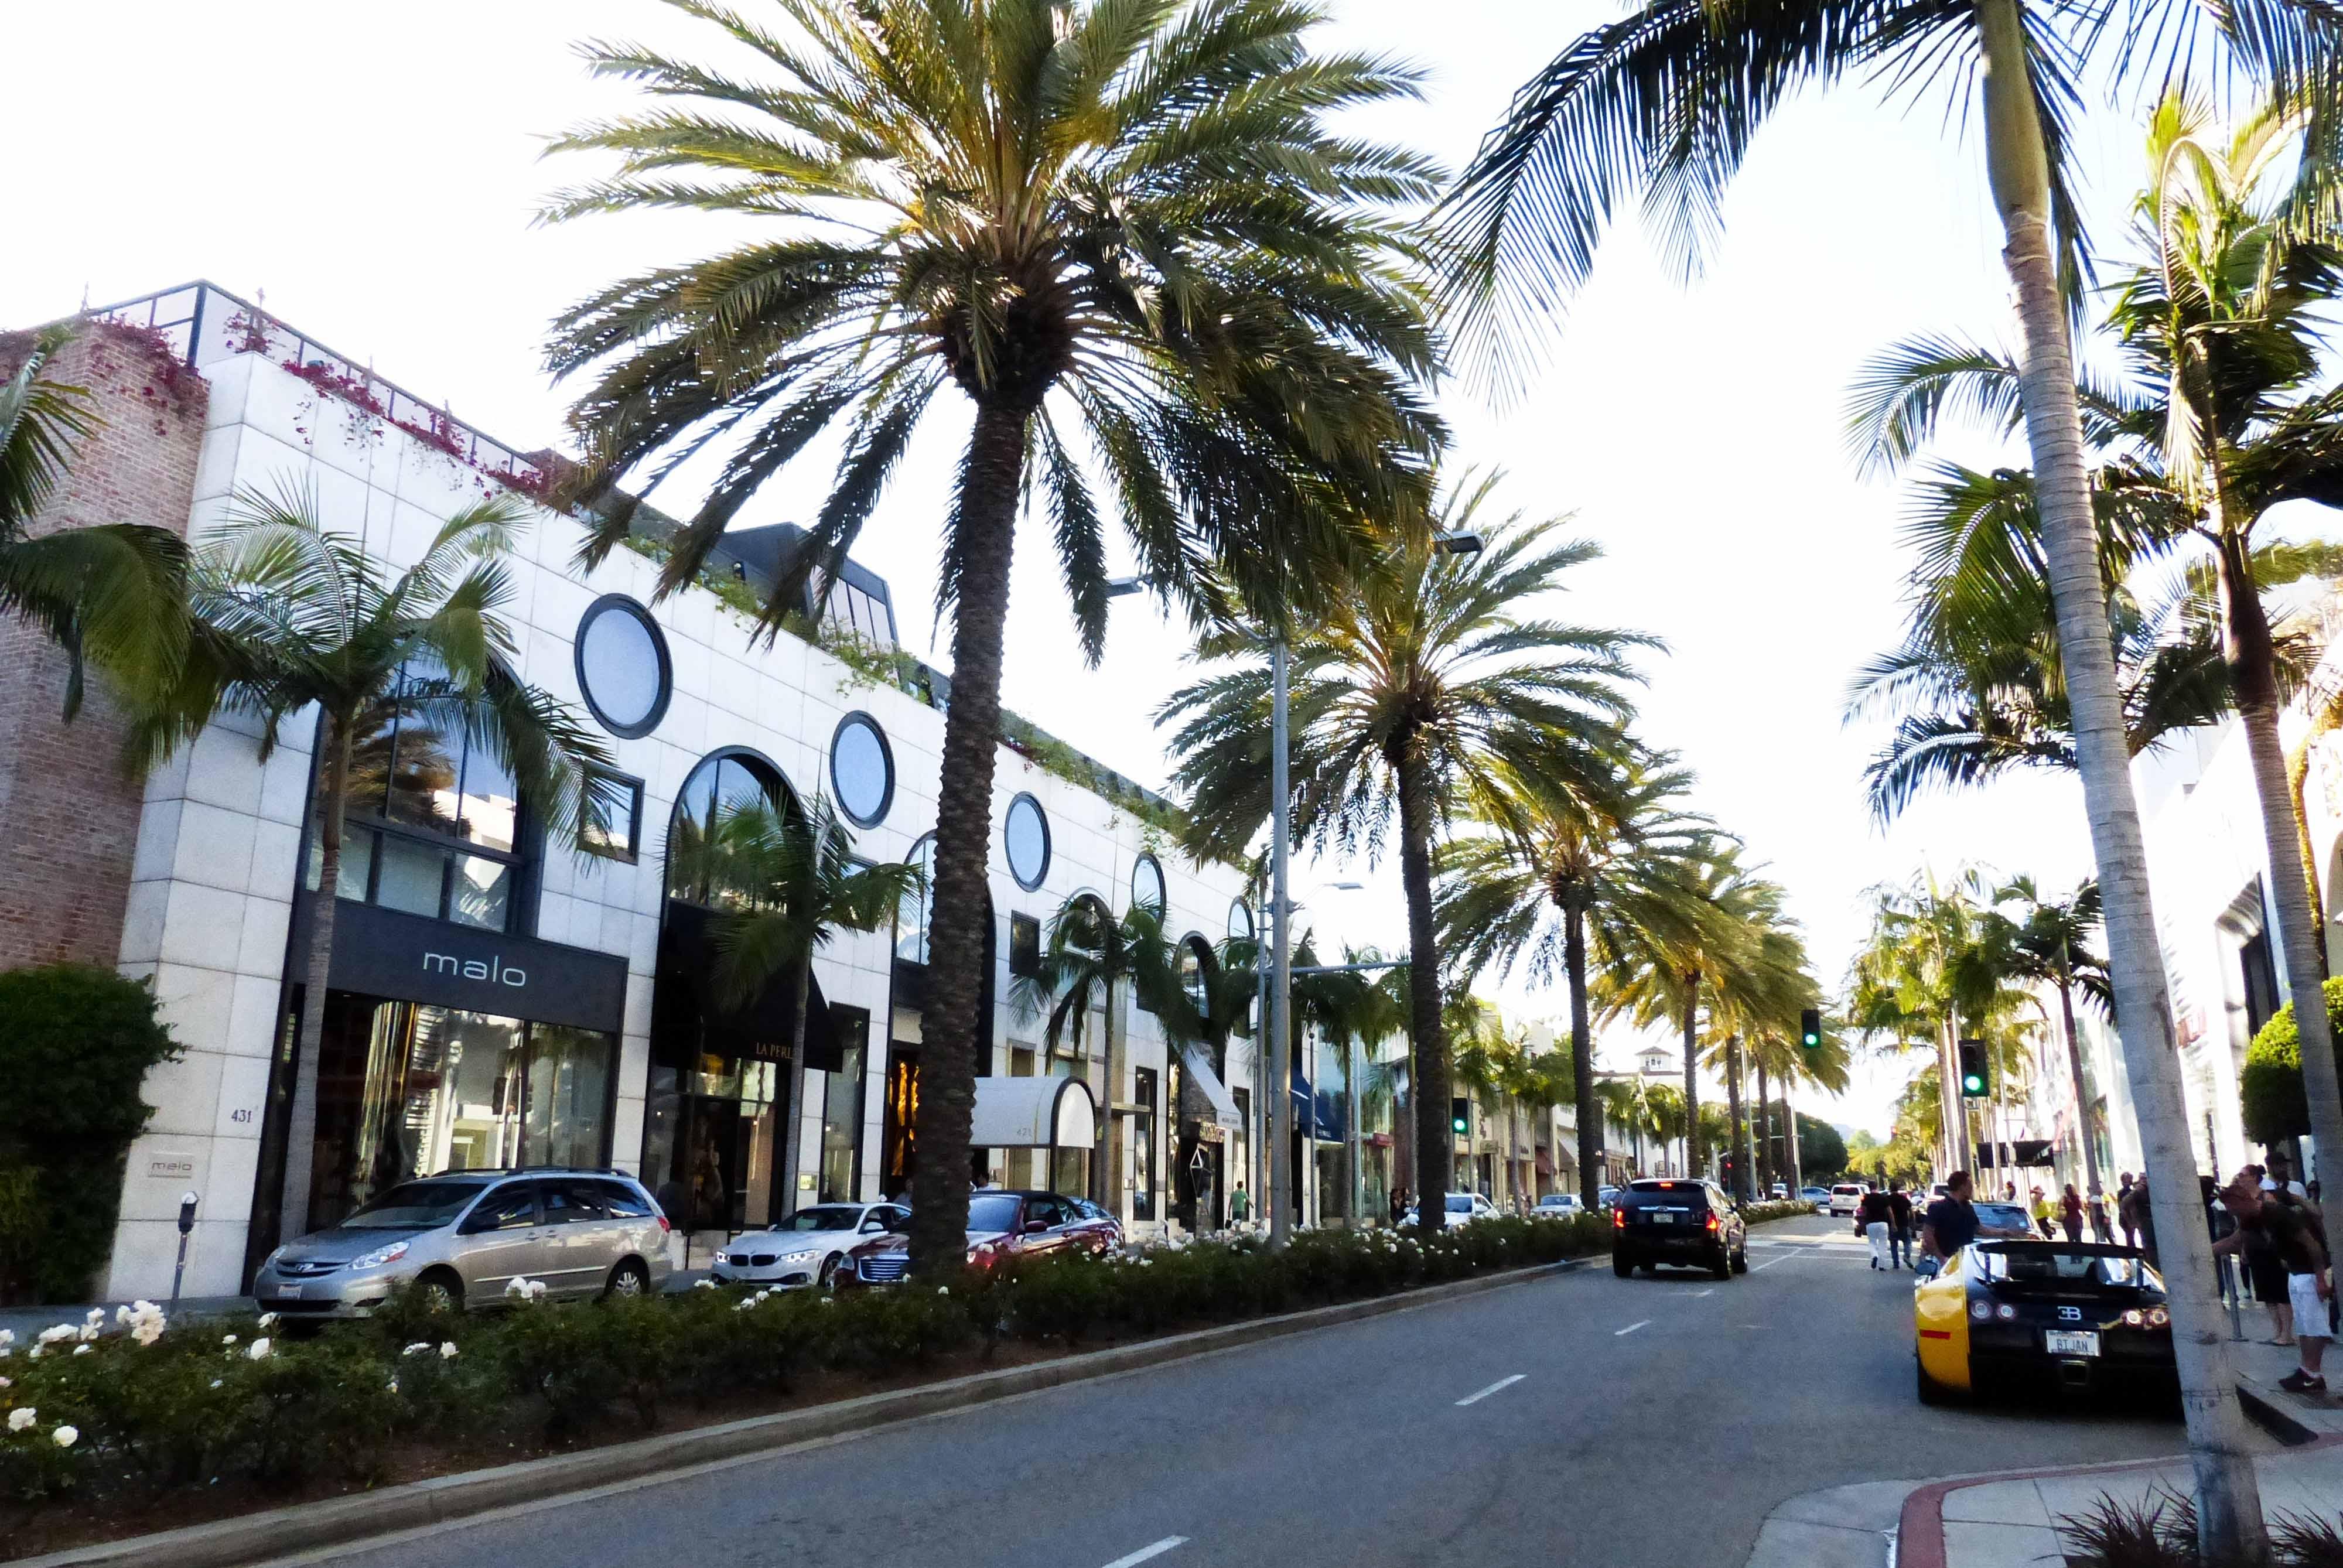 adc274c0d A avenida principal é recheada de marcas como: Burberry, Chanel, Carolina  Herrera, Gucci, Louis Vuitton e Prada. Outras são tão exclusivas que podem  passar ...